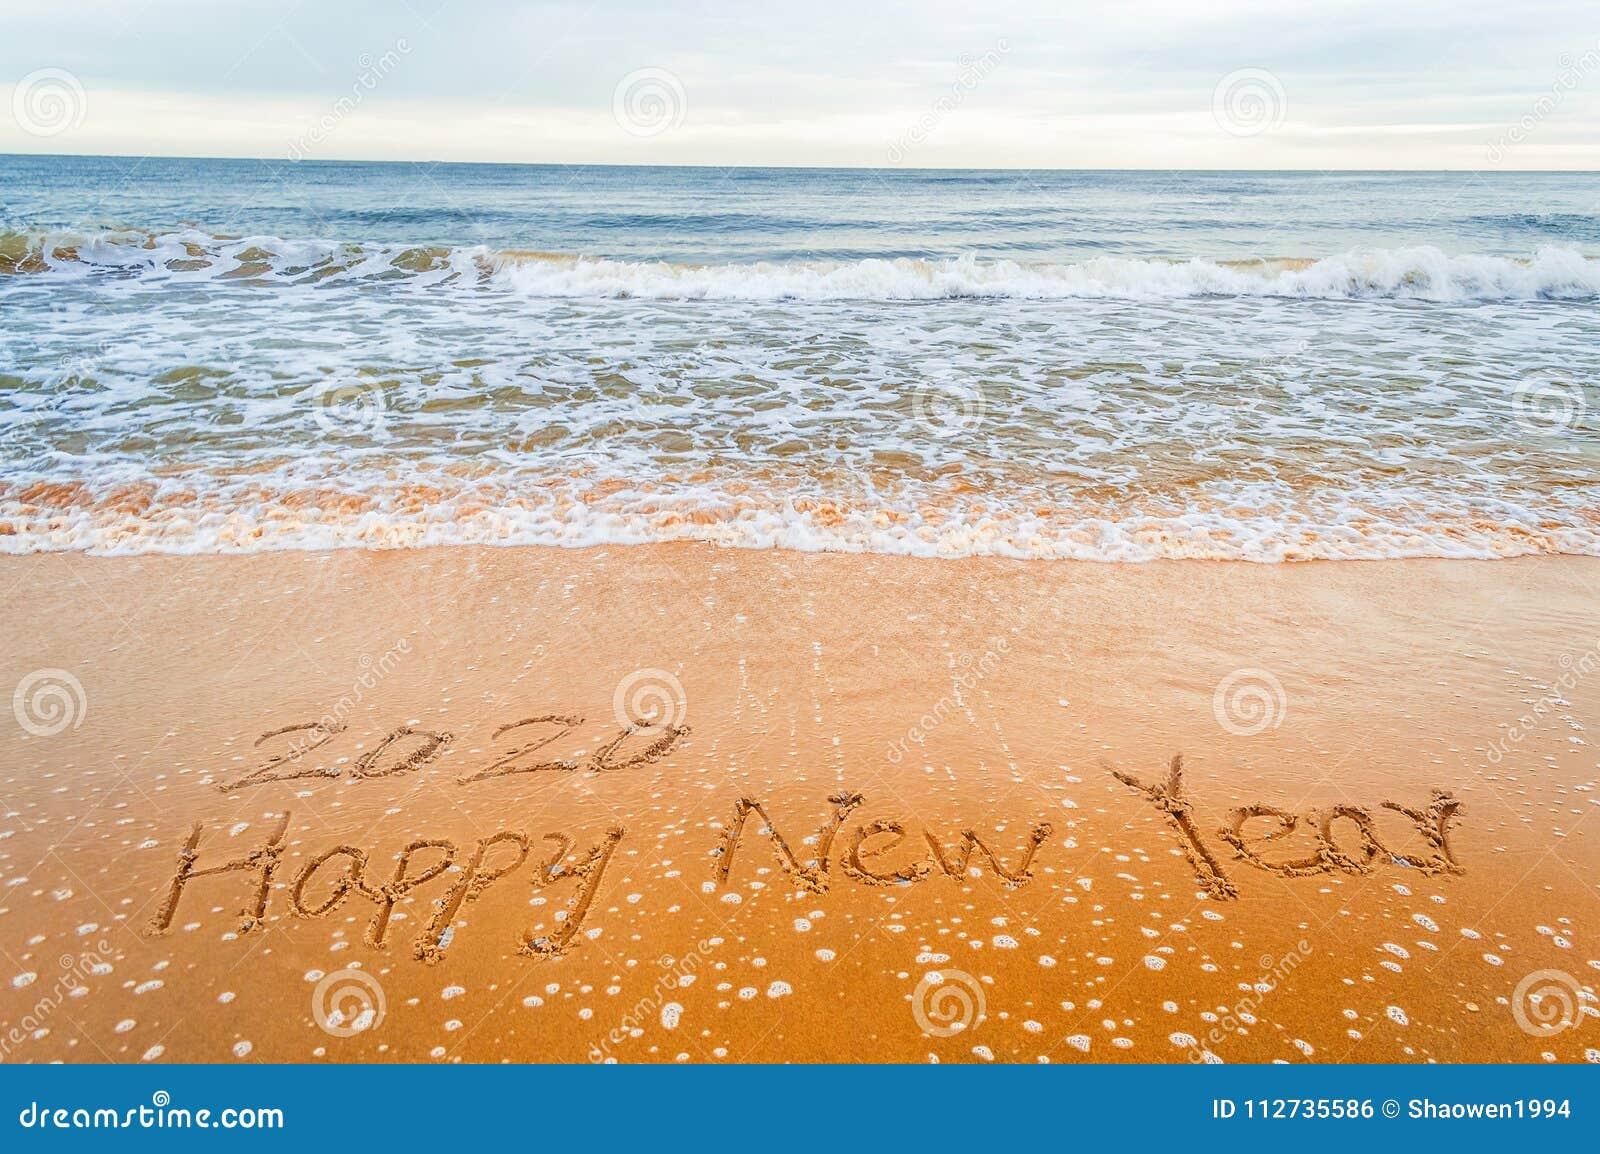 Pisze 2020 szczęśliwych nowy rok na plaży